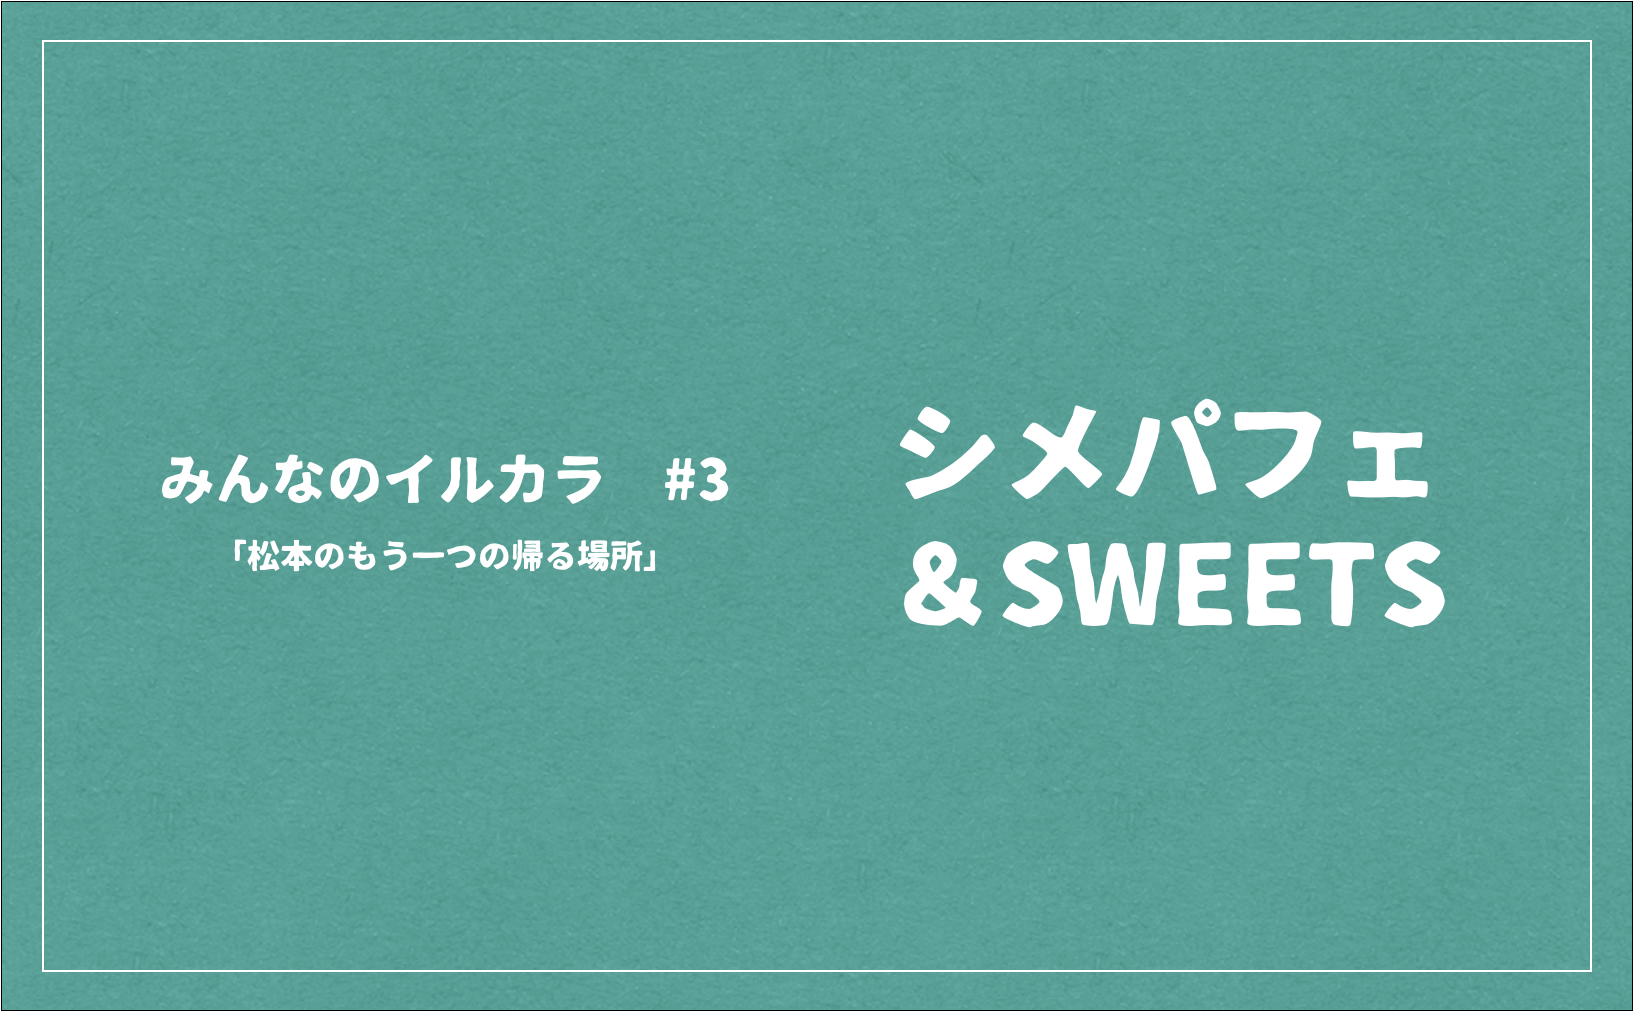 みんなのイルカラ#3 シメパフェ&SWEETS